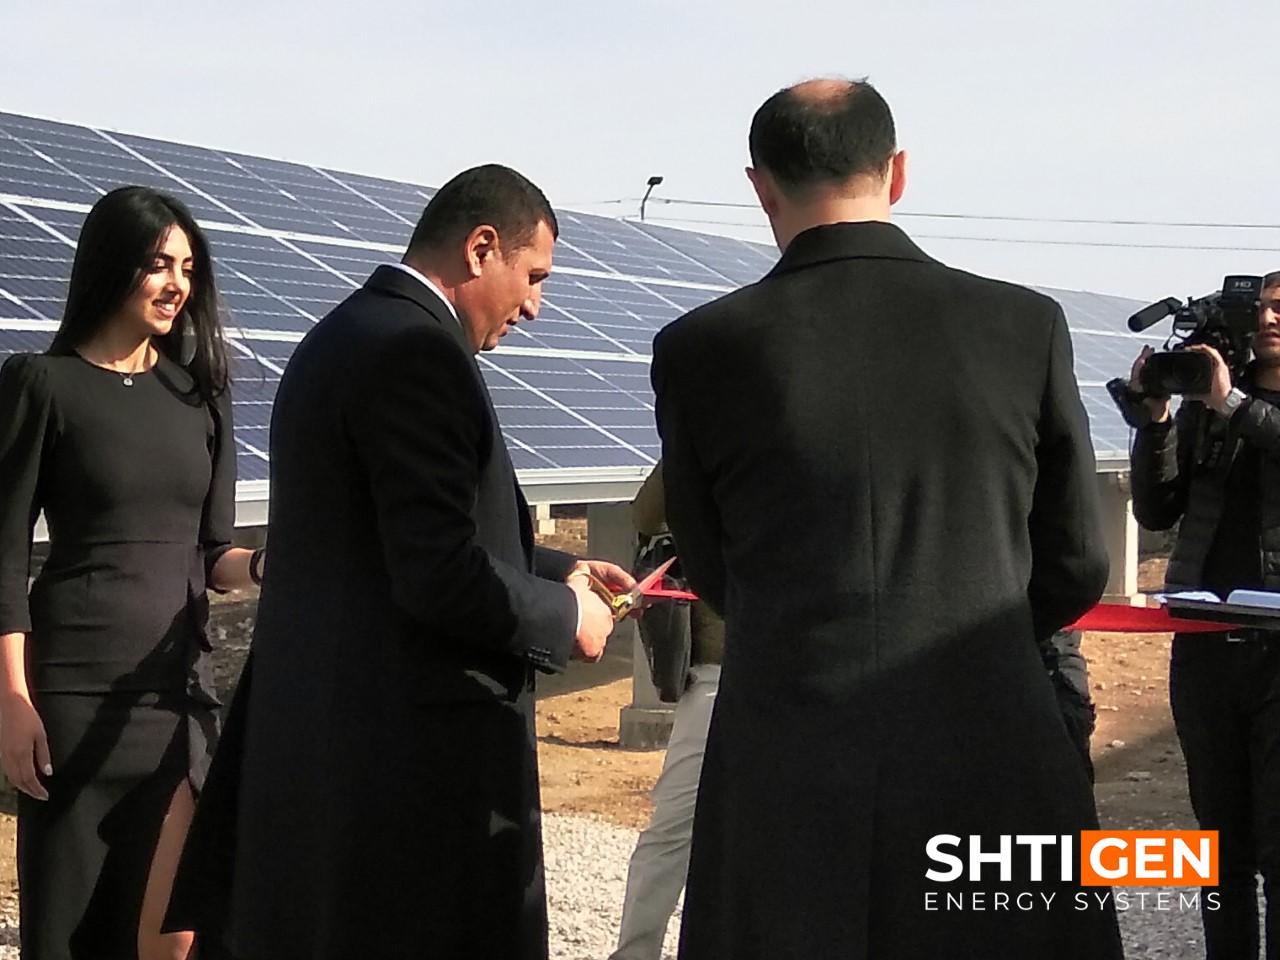 Գործարկվեց Հայաստանի խոշորագույն արևային էլեկտրակայանը